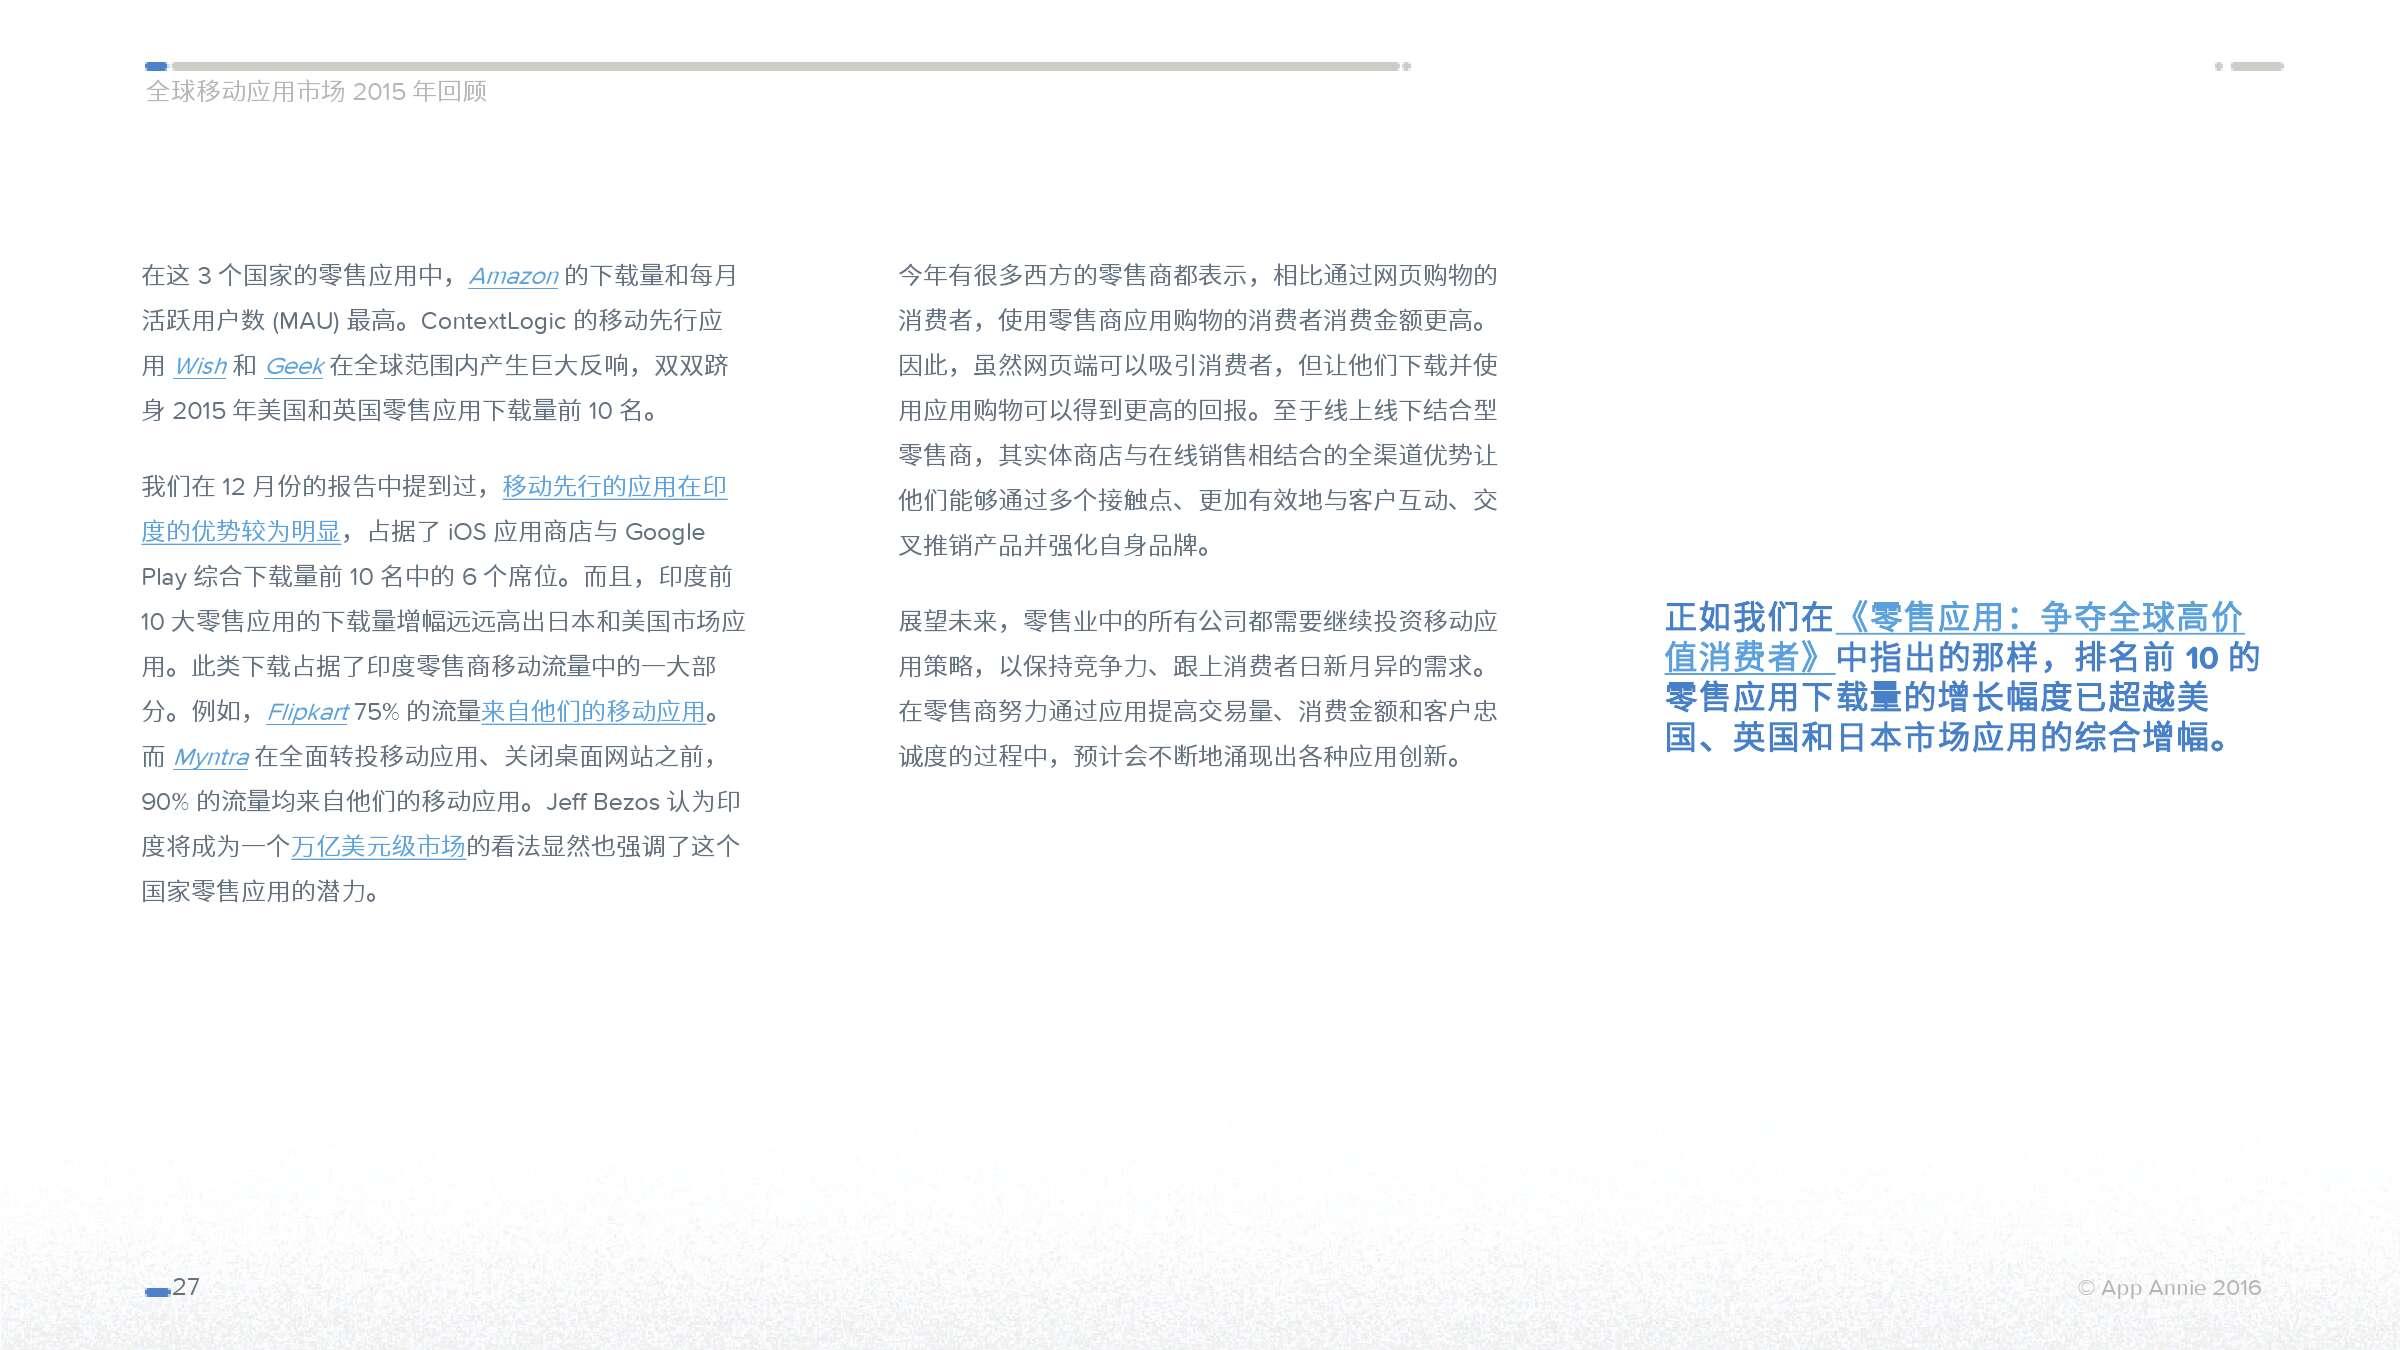 App Annie 全球移动应用市场 2015 年回顾_000027